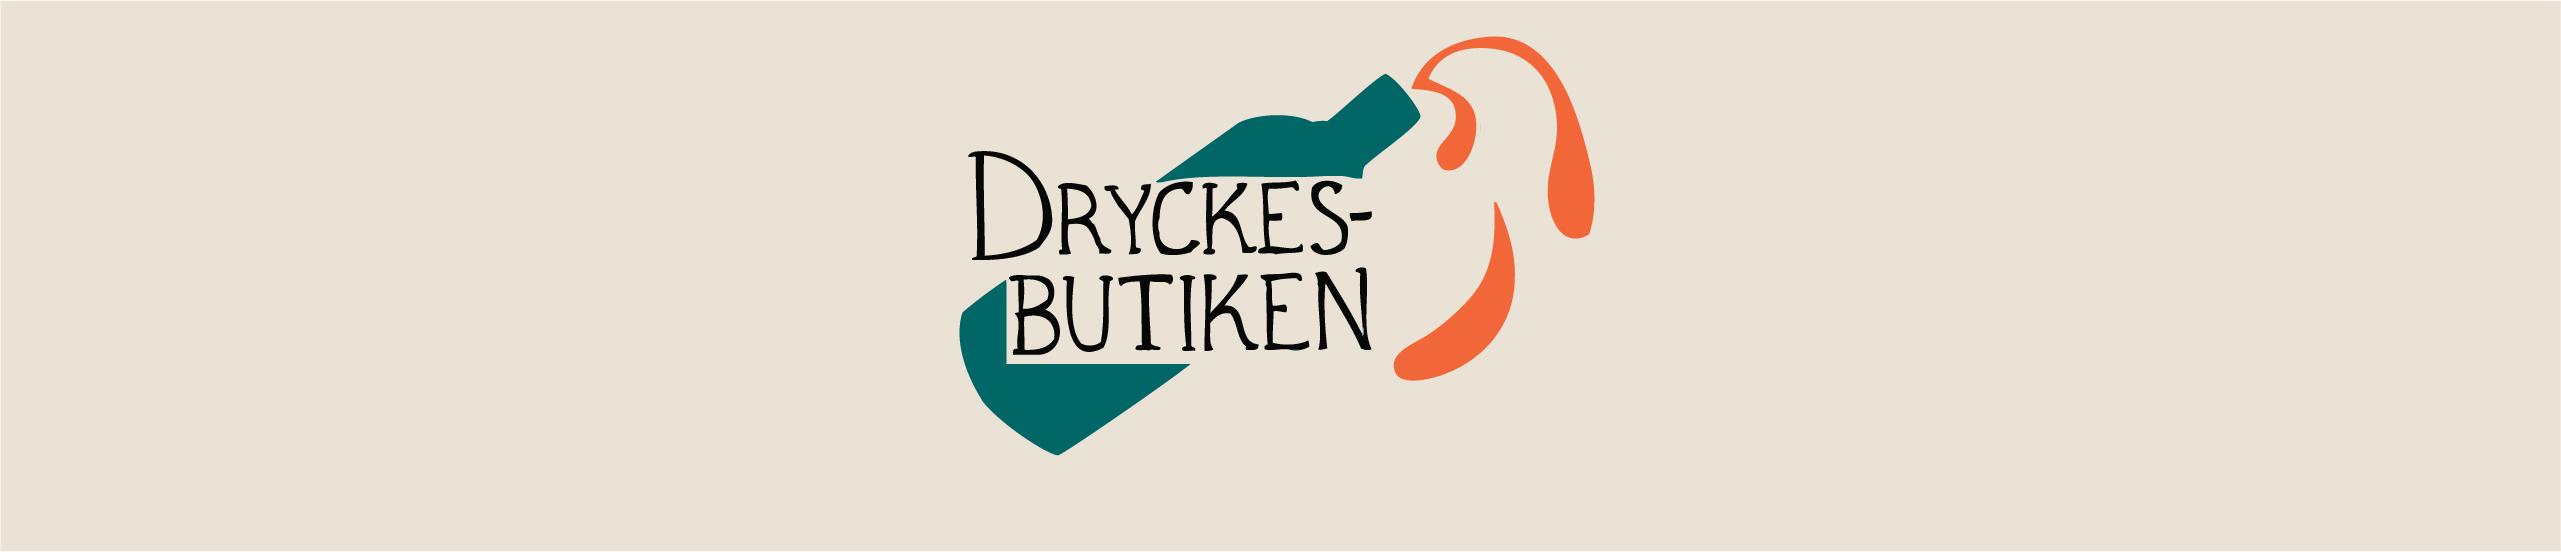 Dryckesbutiken.se